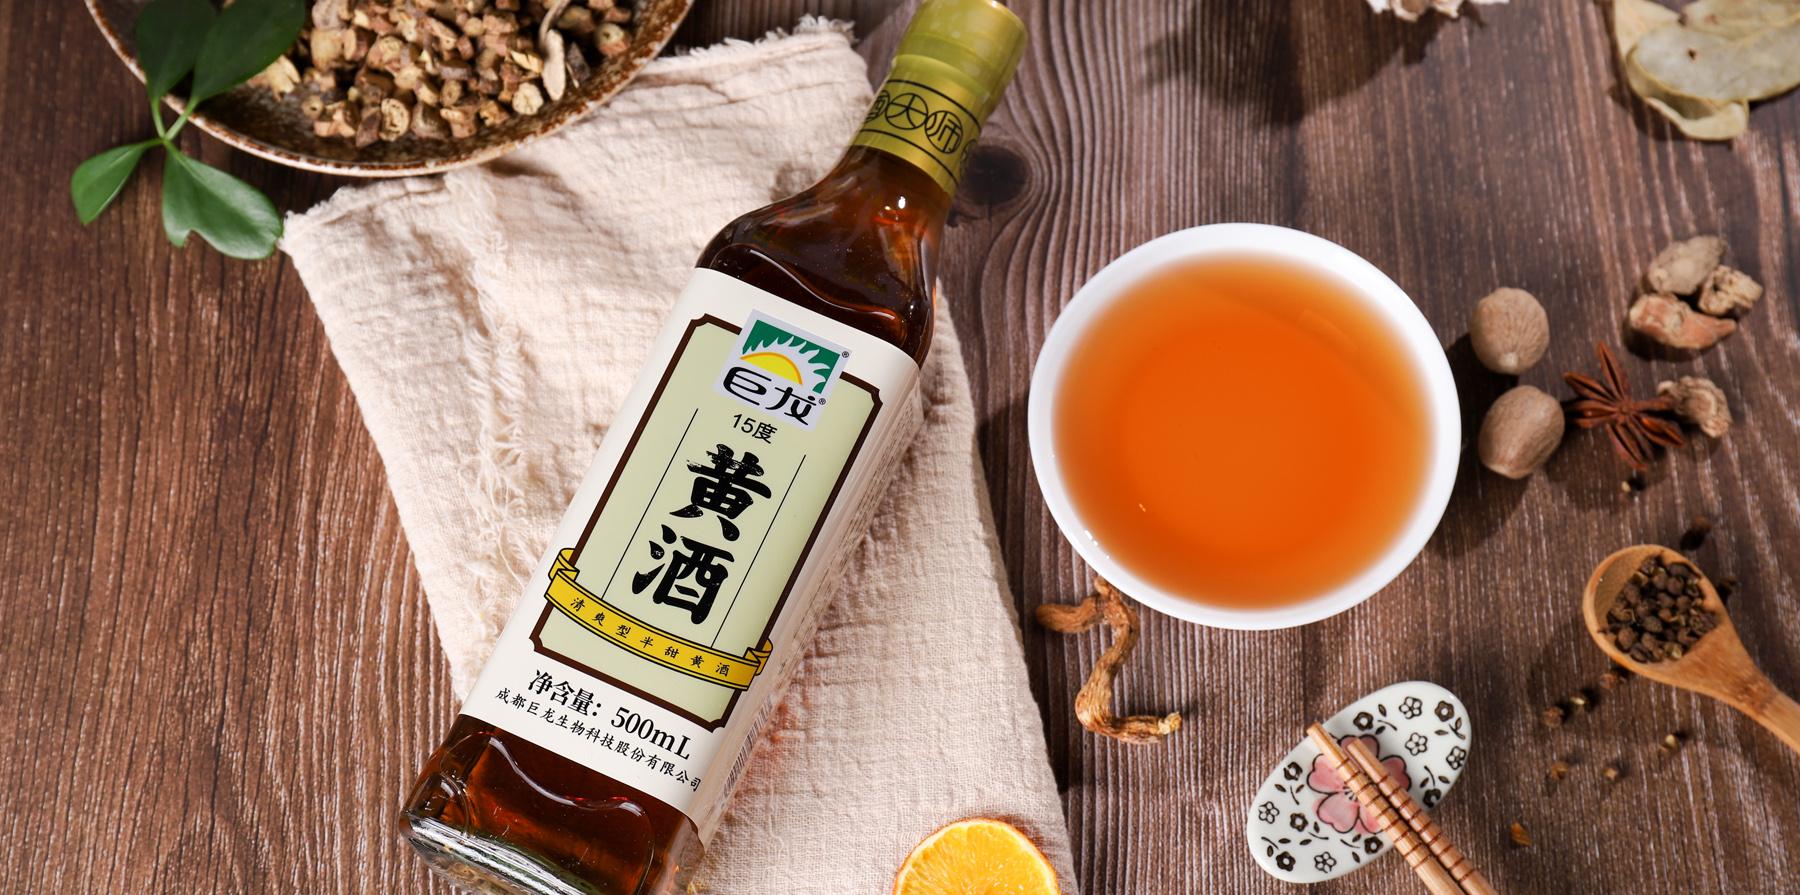 15°黄酒